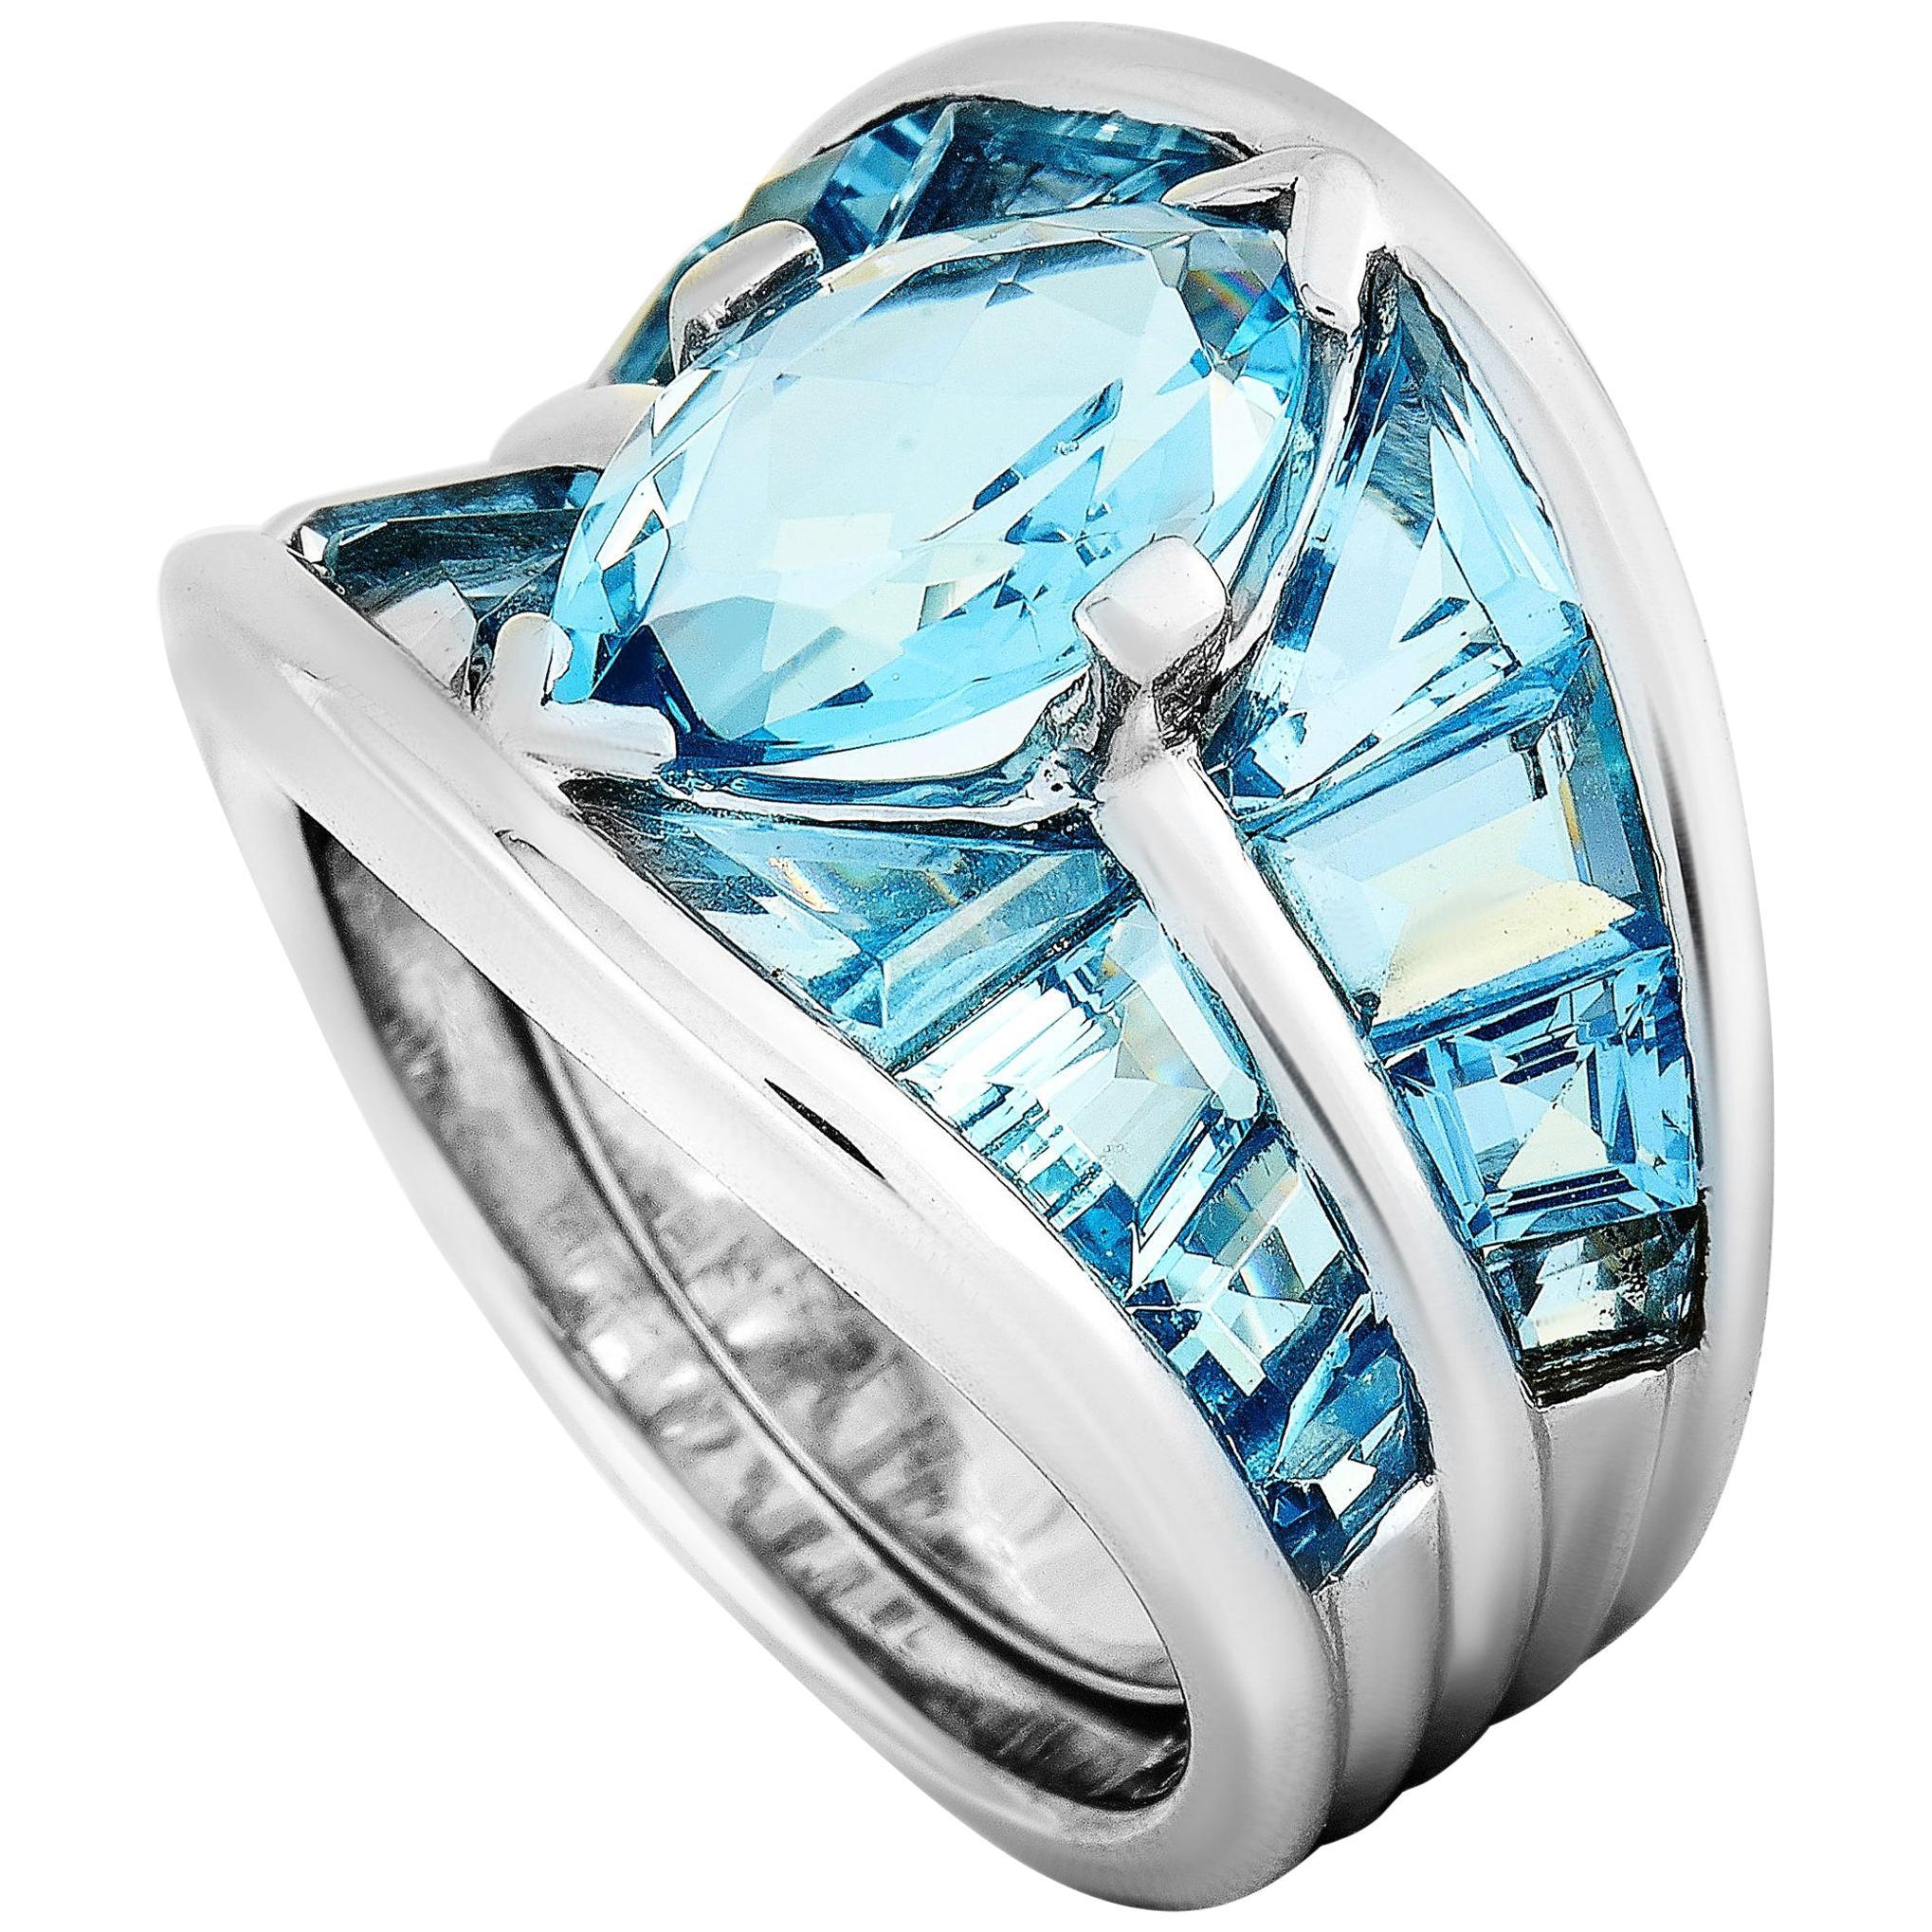 Vasari 18 Karat White Gold and 8.50 Ct Aquamarine Ring